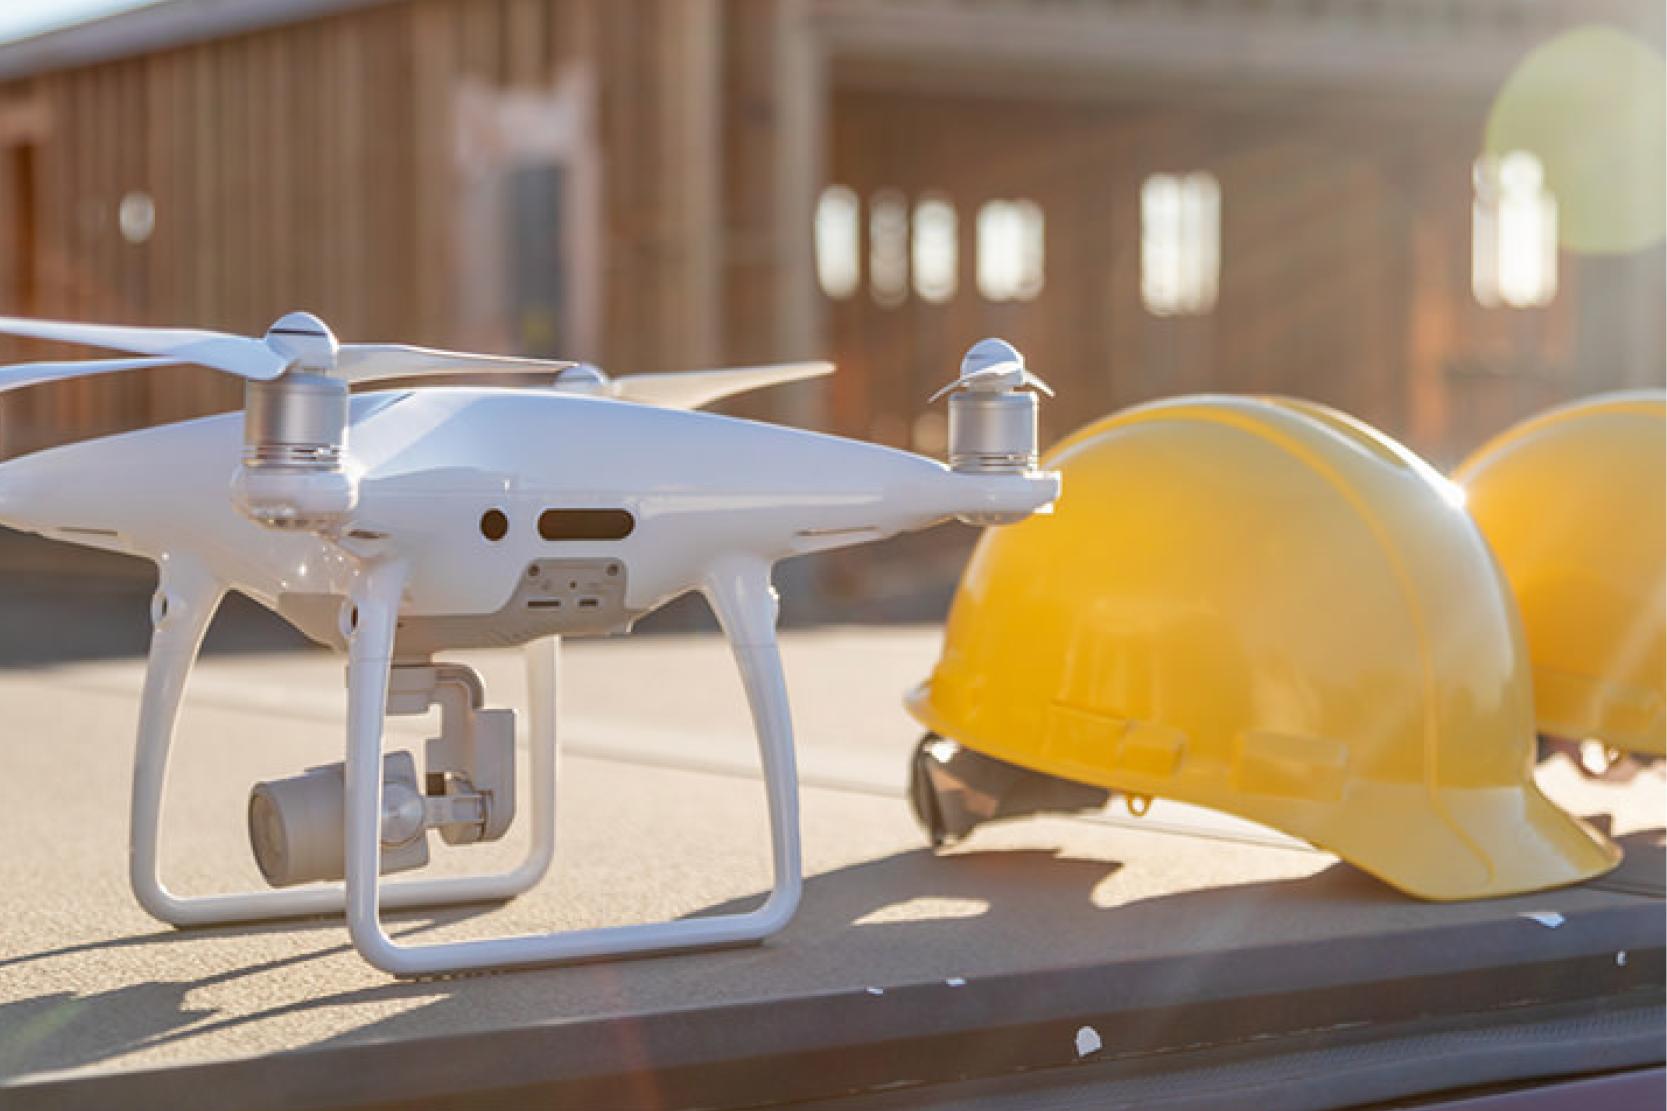 Contractor Drone Liability